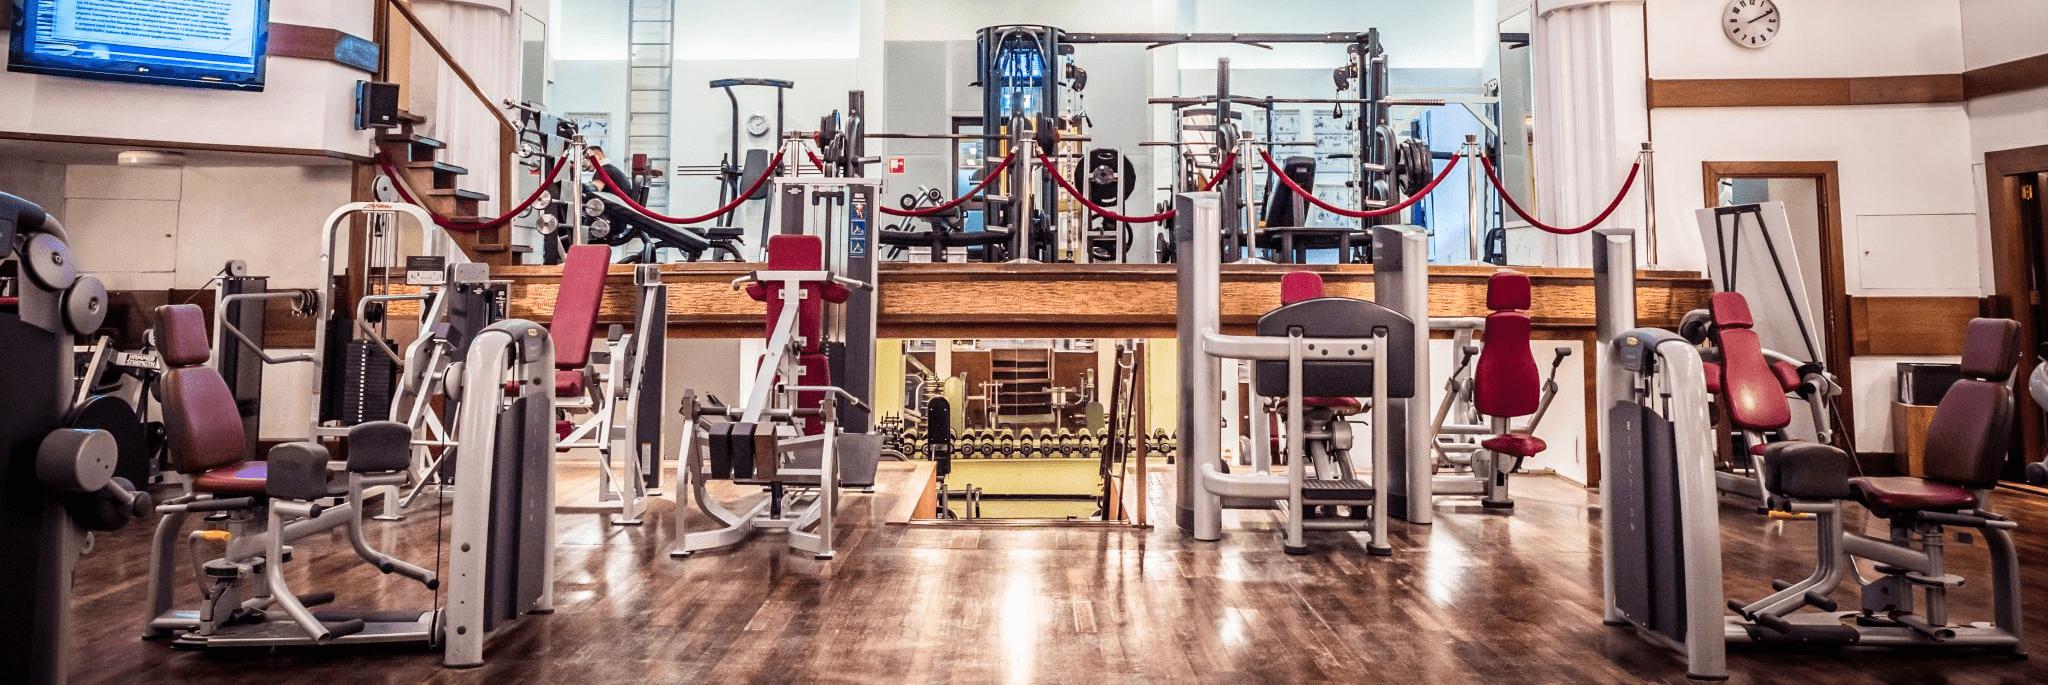 fitnesscentrum Brunssum